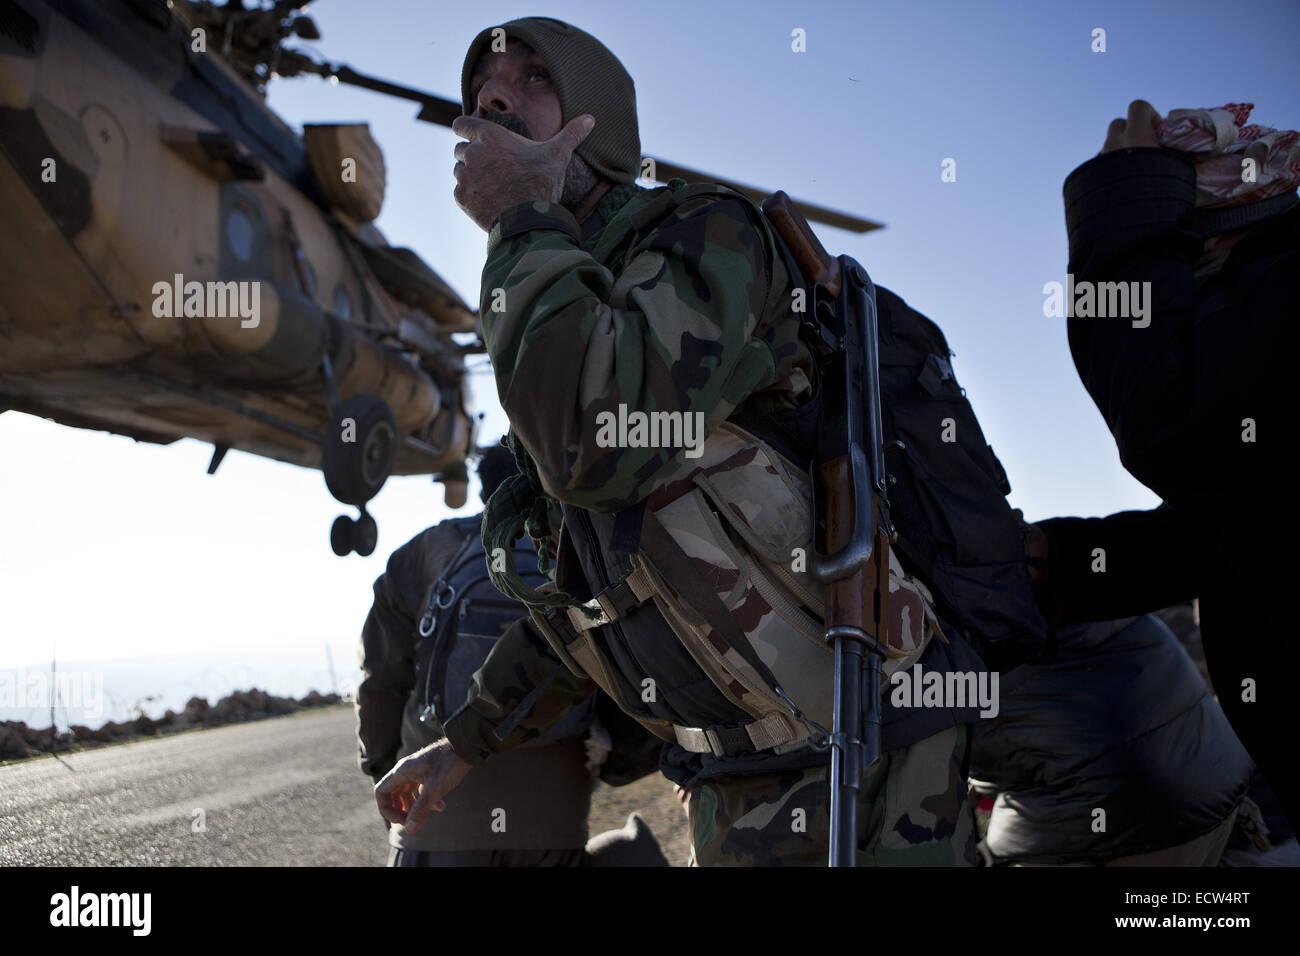 Dec. 11, 2014 - Sinjar Mountains, Iraqi-Kurdistan, Iraq - 11/12/2014. Sinjar Mountains, Iraq. A Yazidi fighter holds - Stock Image